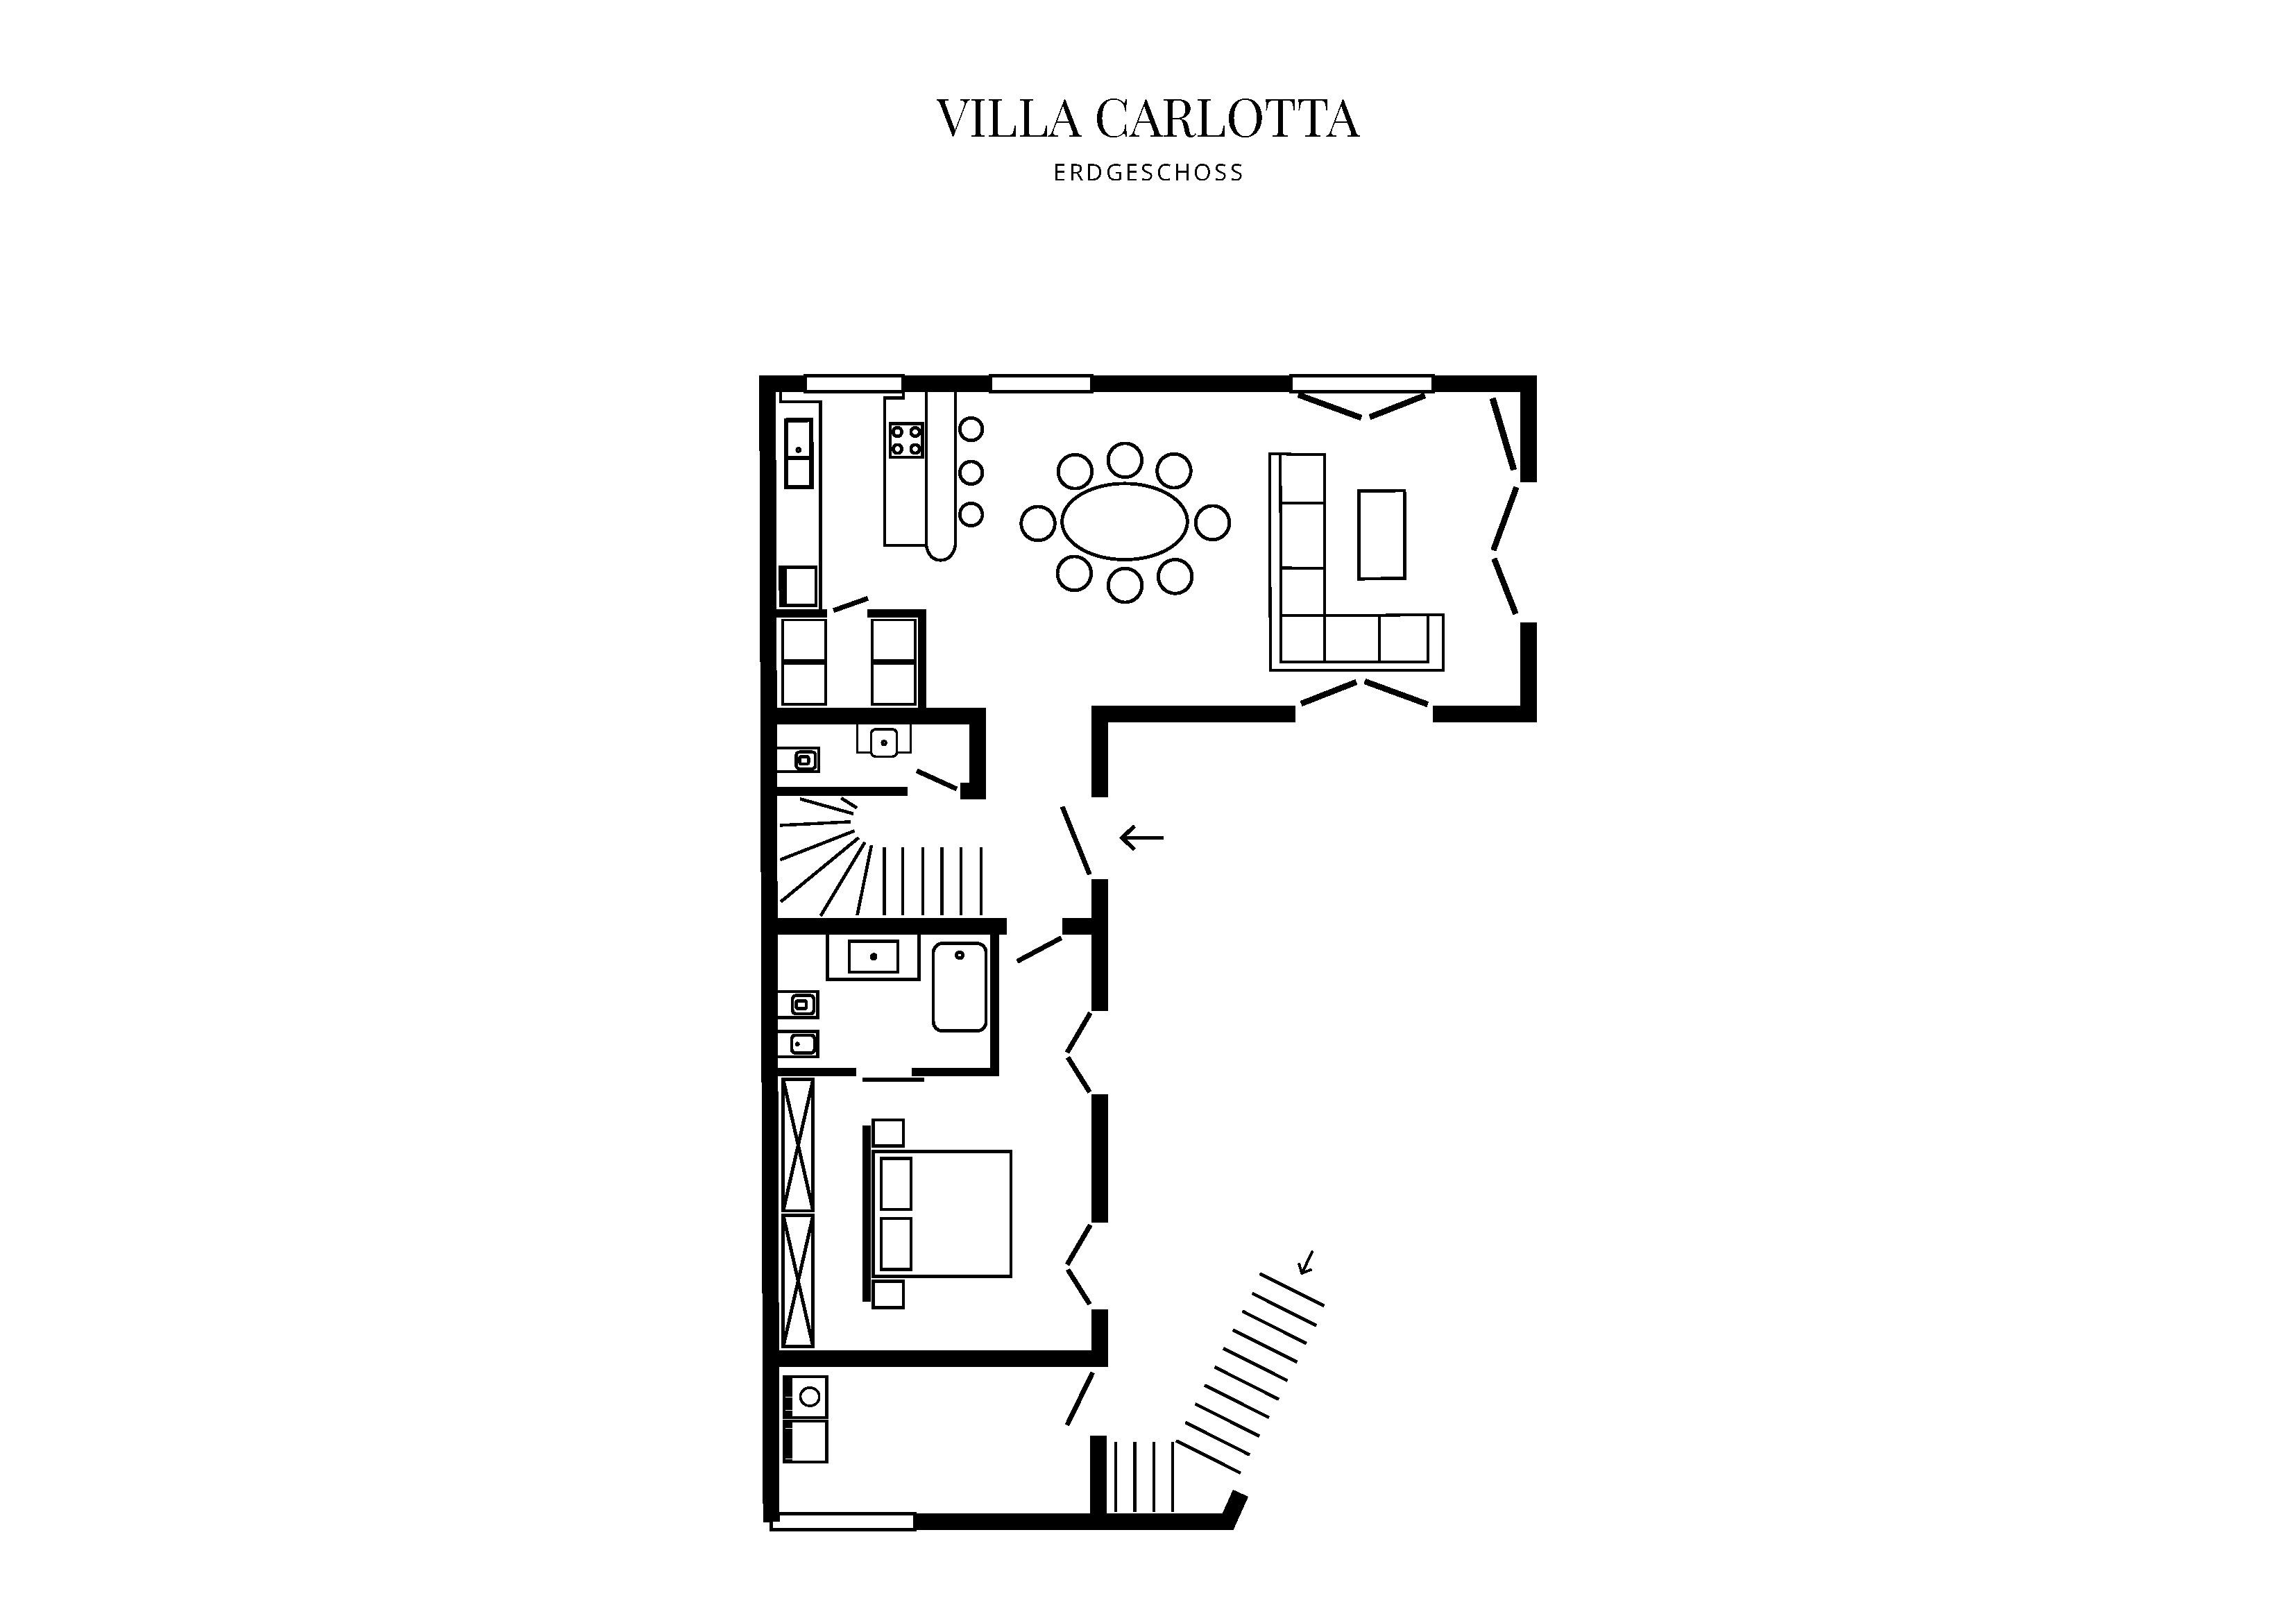 Grafik Grundriss Erdgeschoss Villa Carlotta